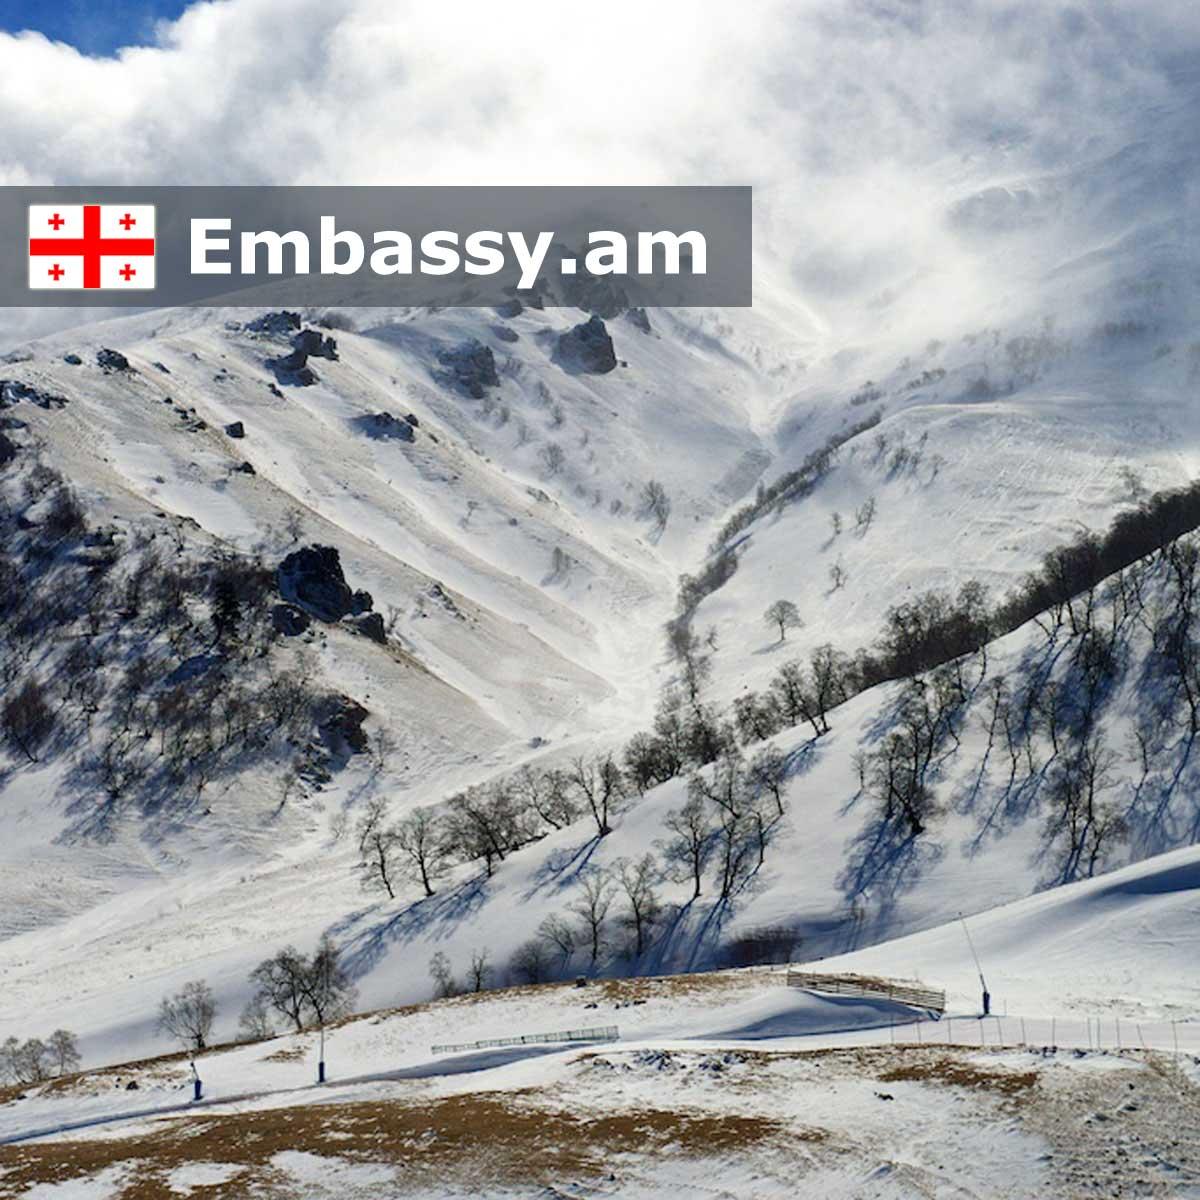 Бакуриани - Отели в Грузии - Embassy.am